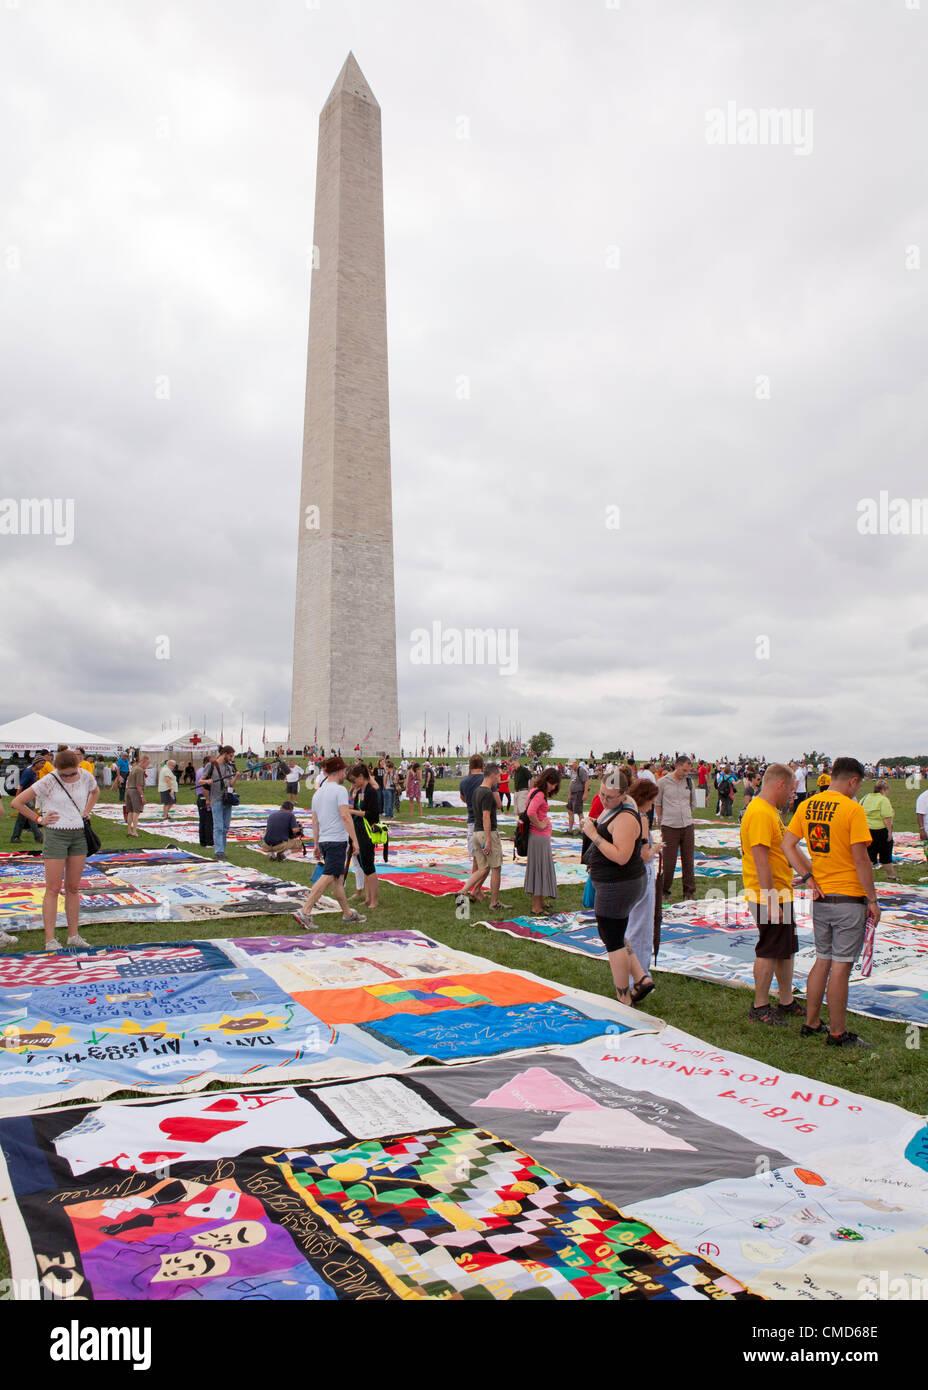 Sida Memorial Quilt paneles se puso en exhibición en el Mall para conmemorar su 25 aniversario, por delante Imagen De Stock